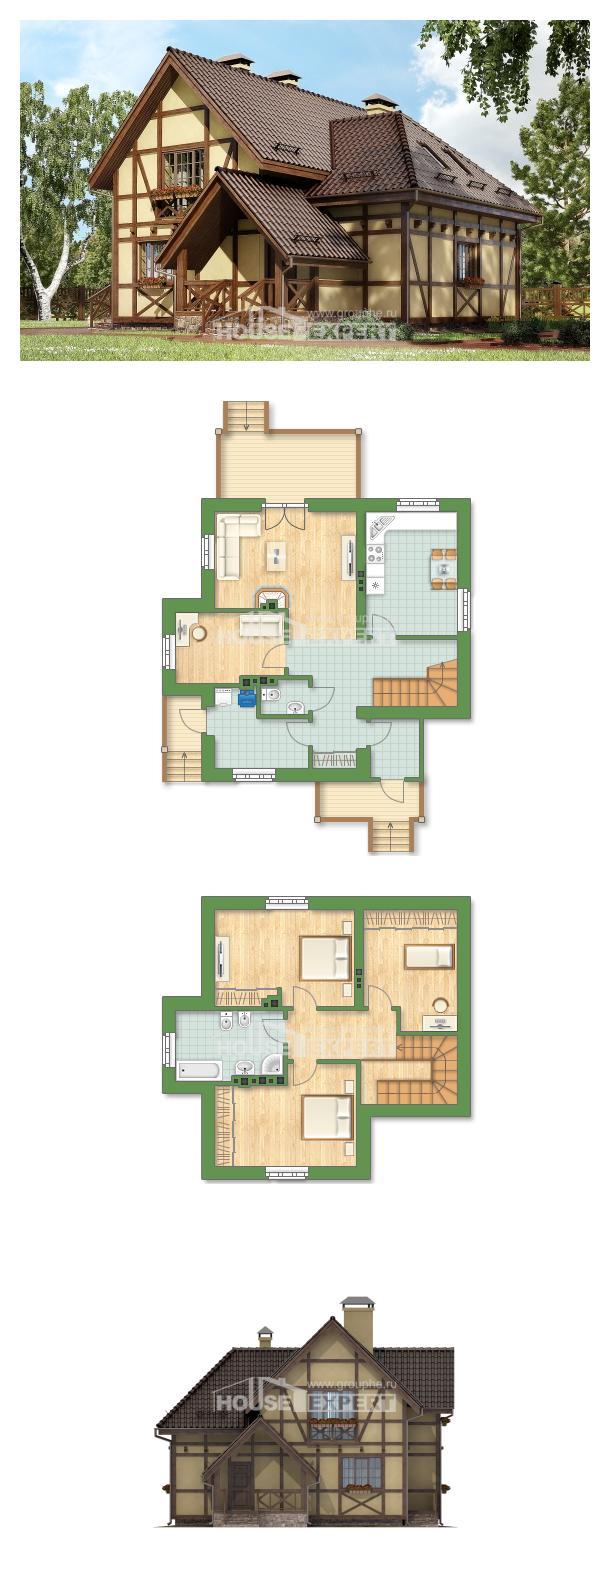 Plan 160-003-R   House Expert